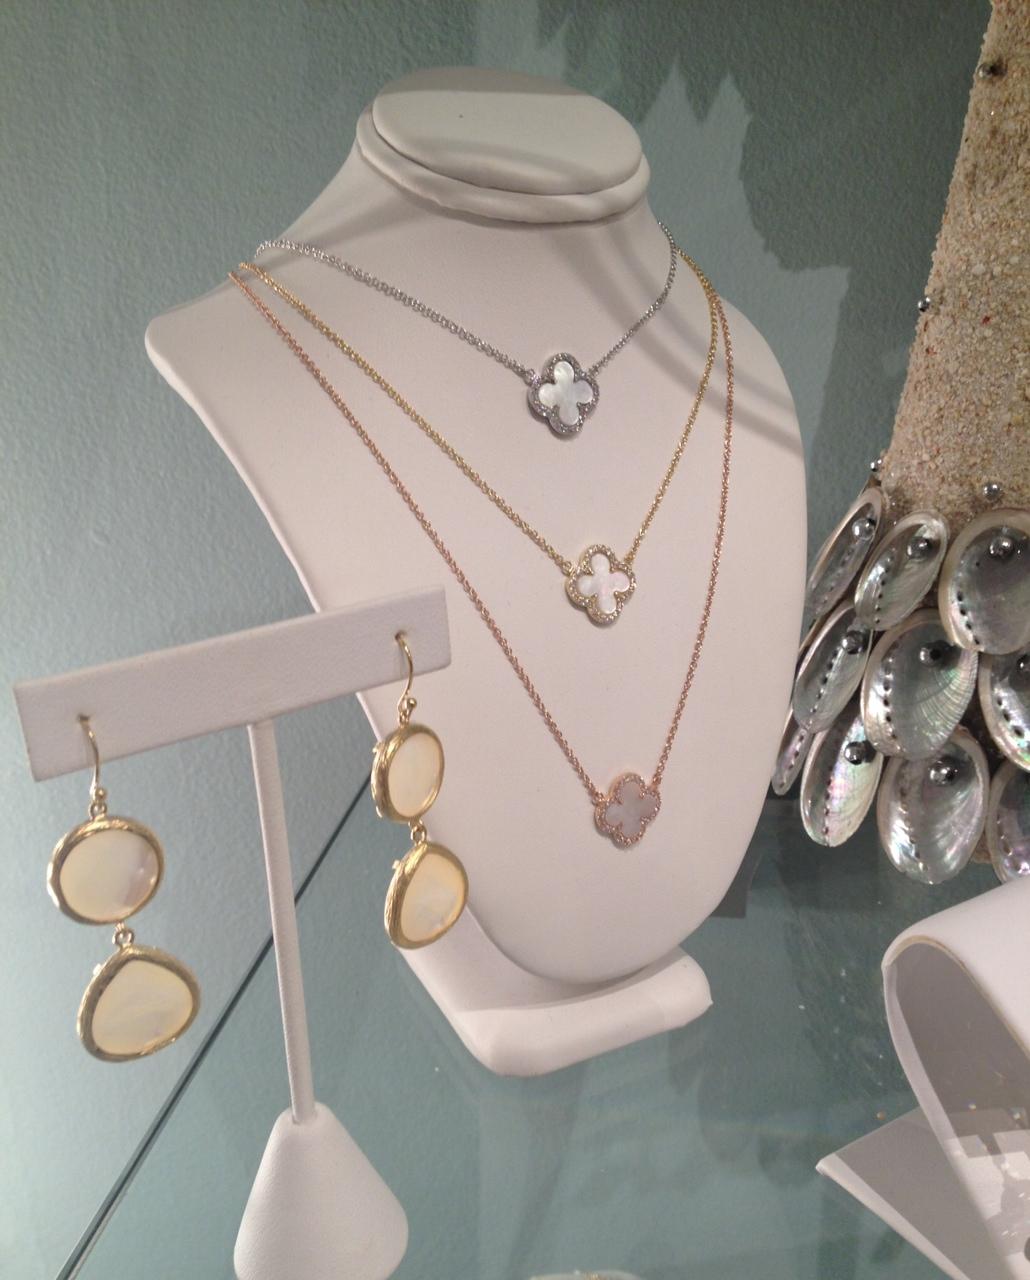 c. necklace